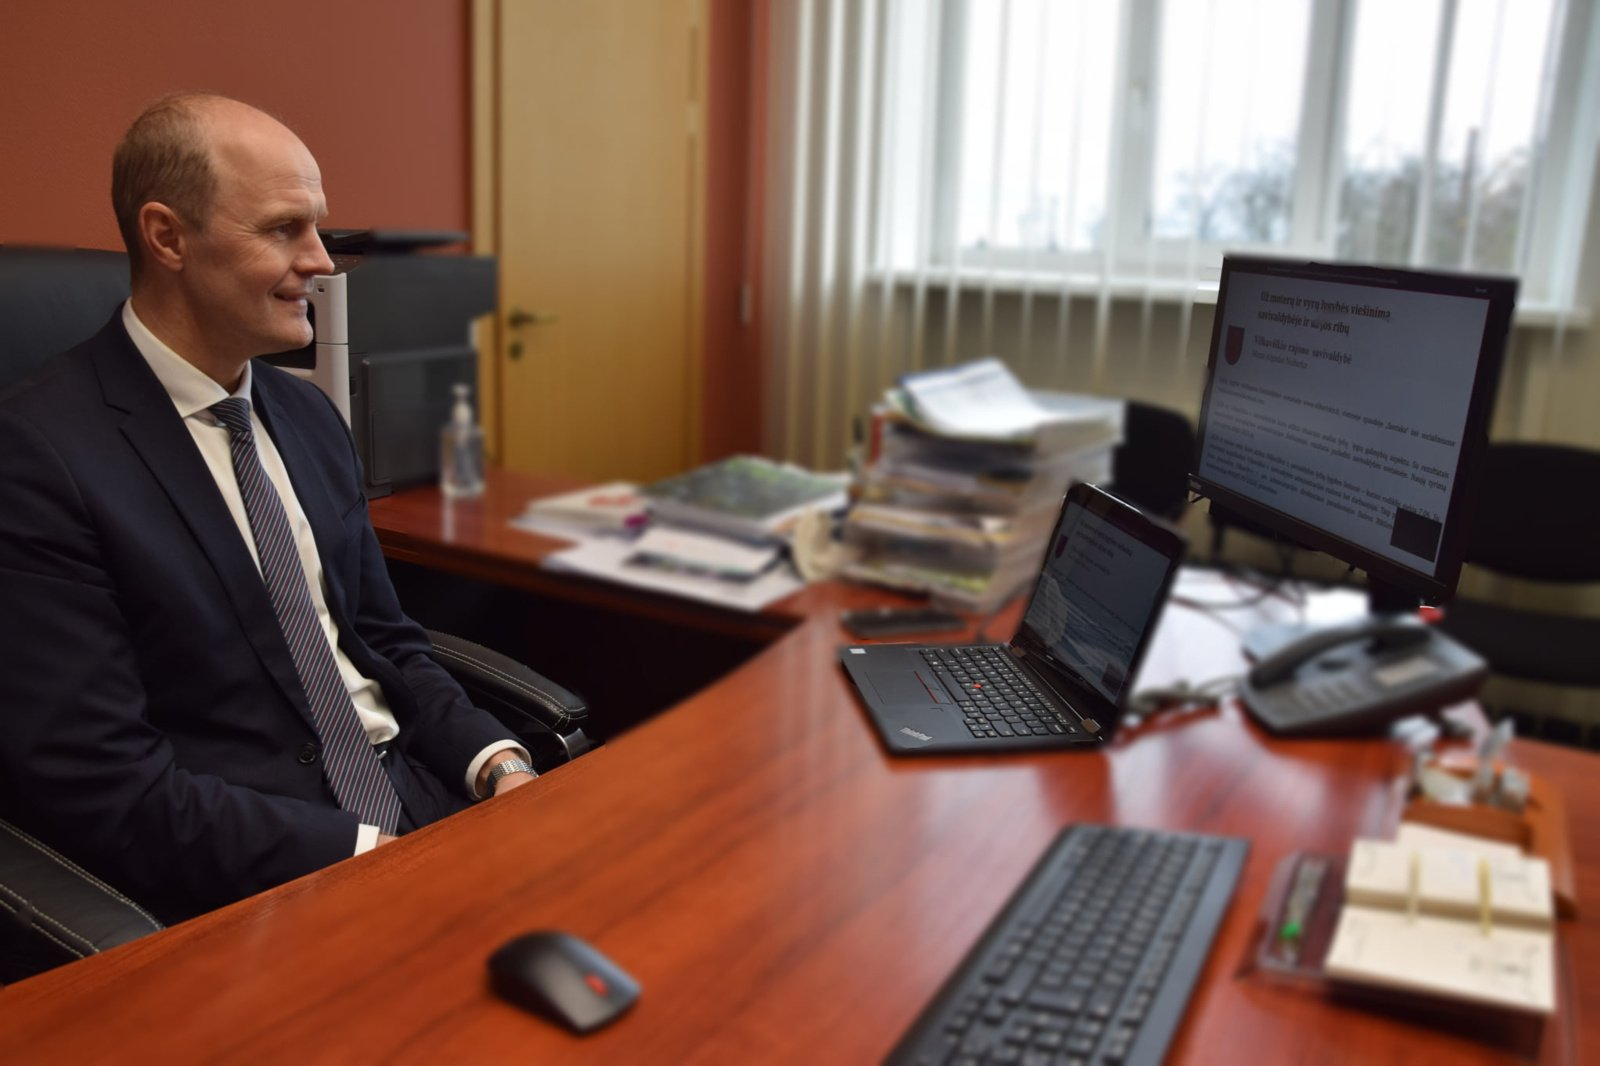 Vilkaviškio rajono savivaldybė nominuota apdovanojimuose už geriausias vyrų ir moterų lygybės priemones